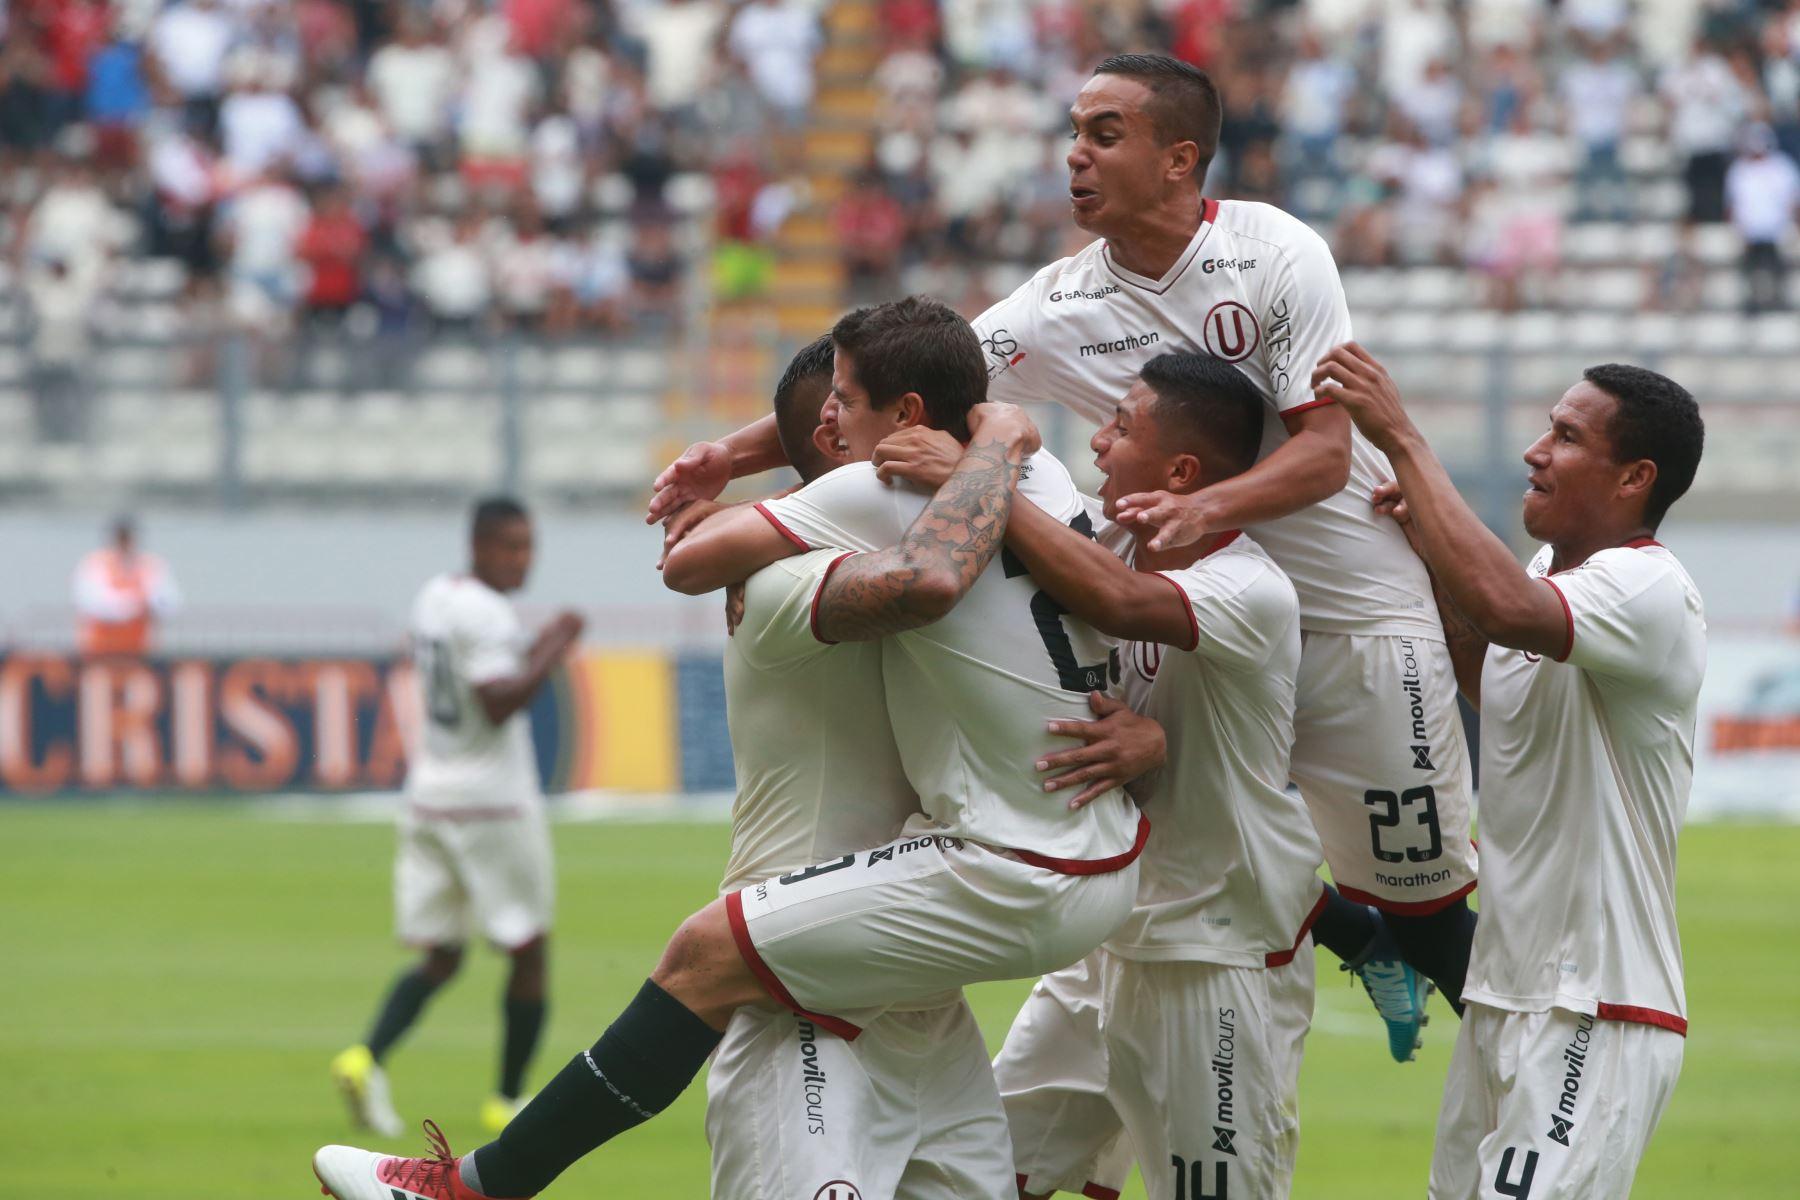 Aldo Corzo de Universitario de Deportes celebra su gol contra Sporting Cristal, en el Estado Nacional. Foto: ANDINA/ Jhony Laurente